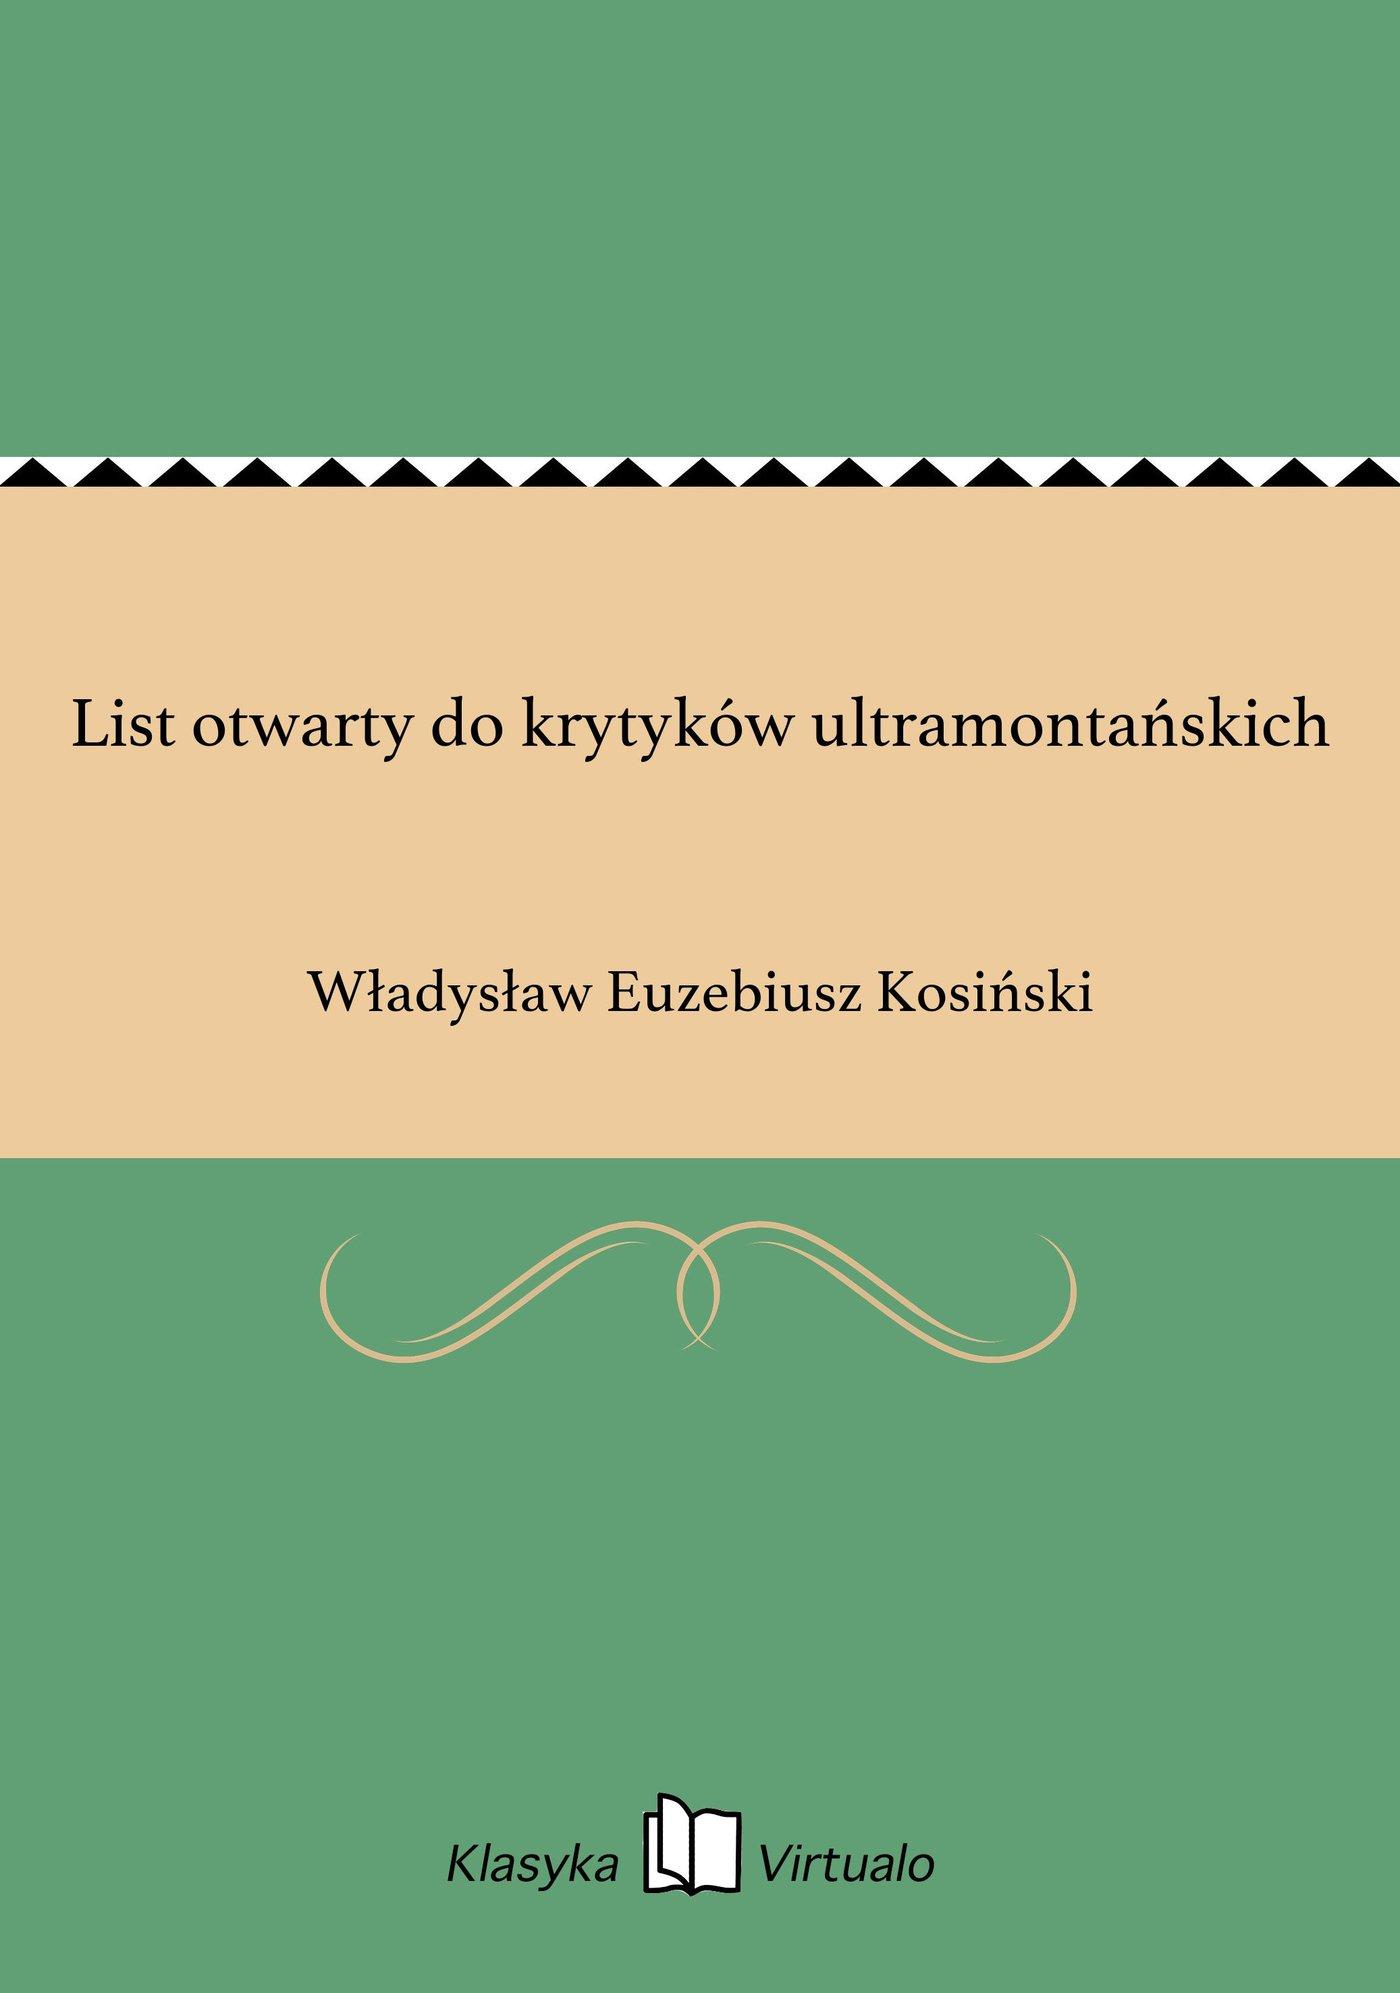 List otwarty do krytyków ultramontańskich - Ebook (Książka EPUB) do pobrania w formacie EPUB